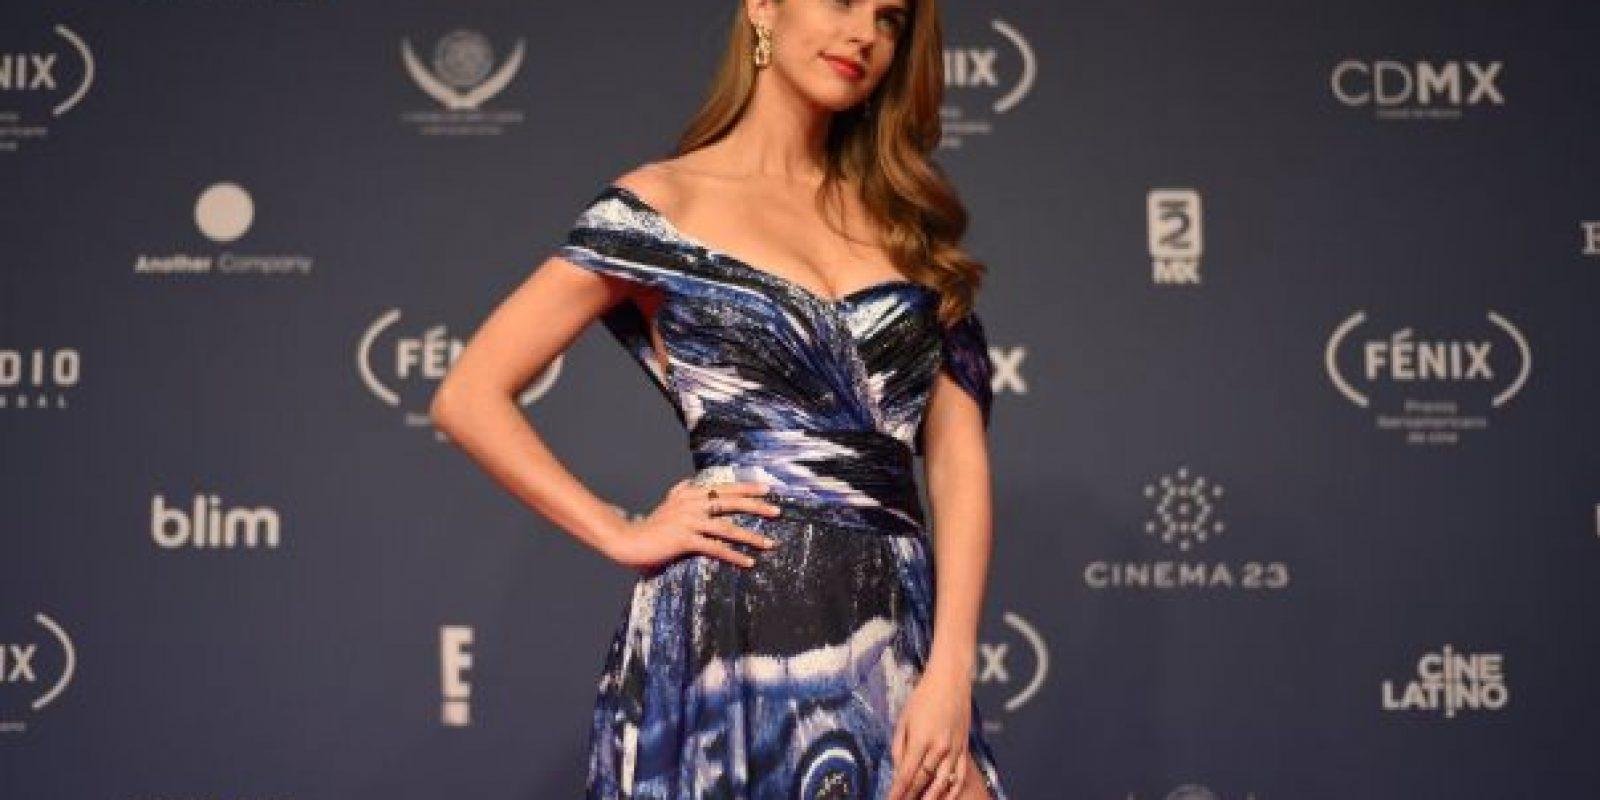 Alfombra roja de los Premios Fénix. Imagen Por: Alicia Guiñoles. Foto |Premios Fénix